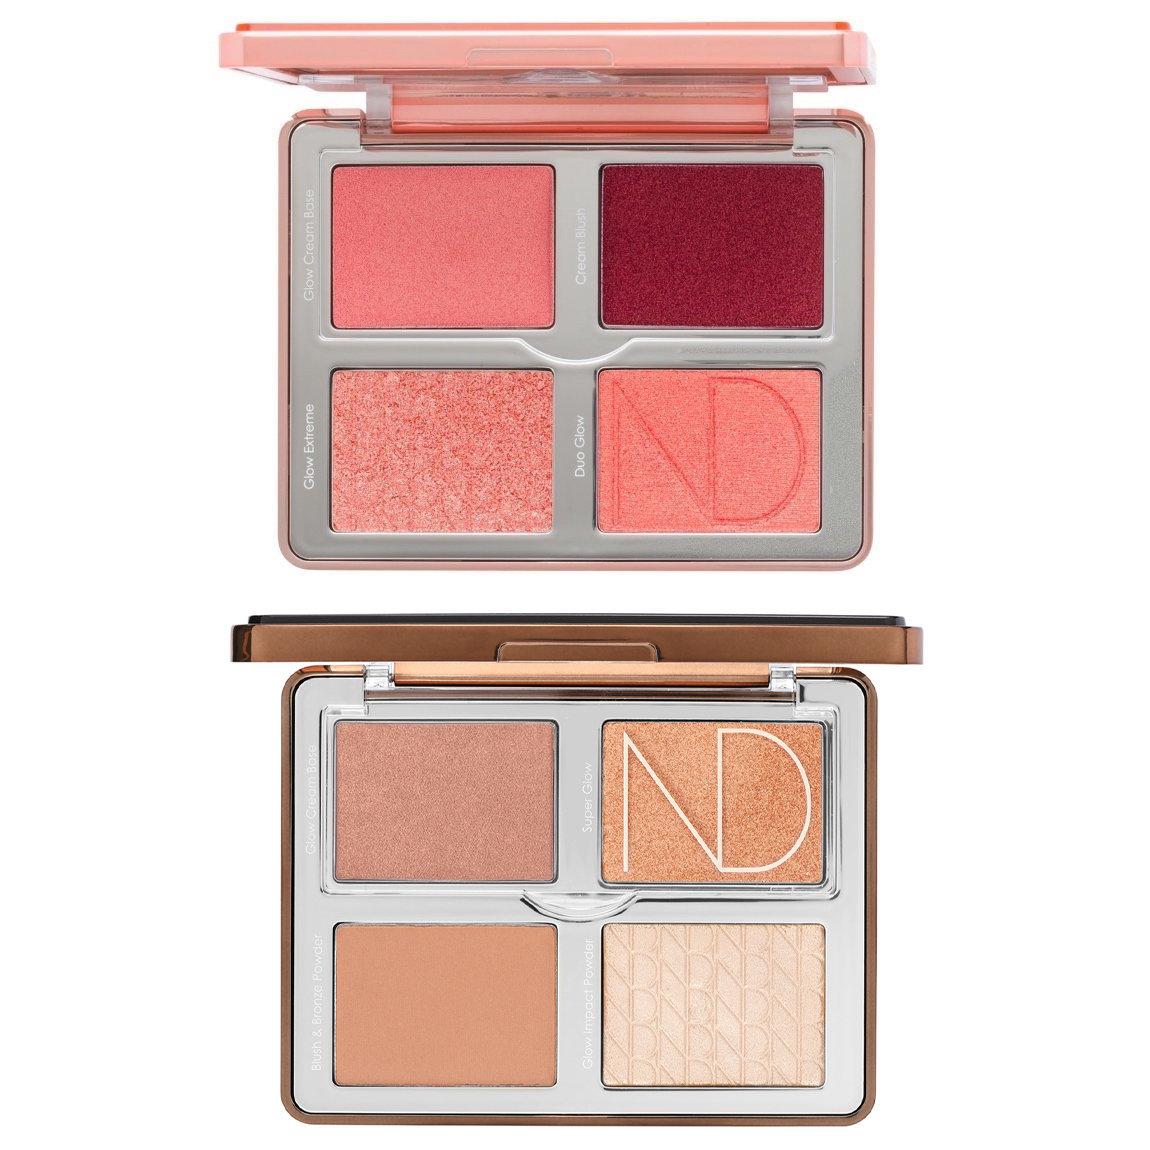 Natasha Denona Bloom Blush & Glow Palette + Tan Bronze & Glow Palette Bundle product swatch.